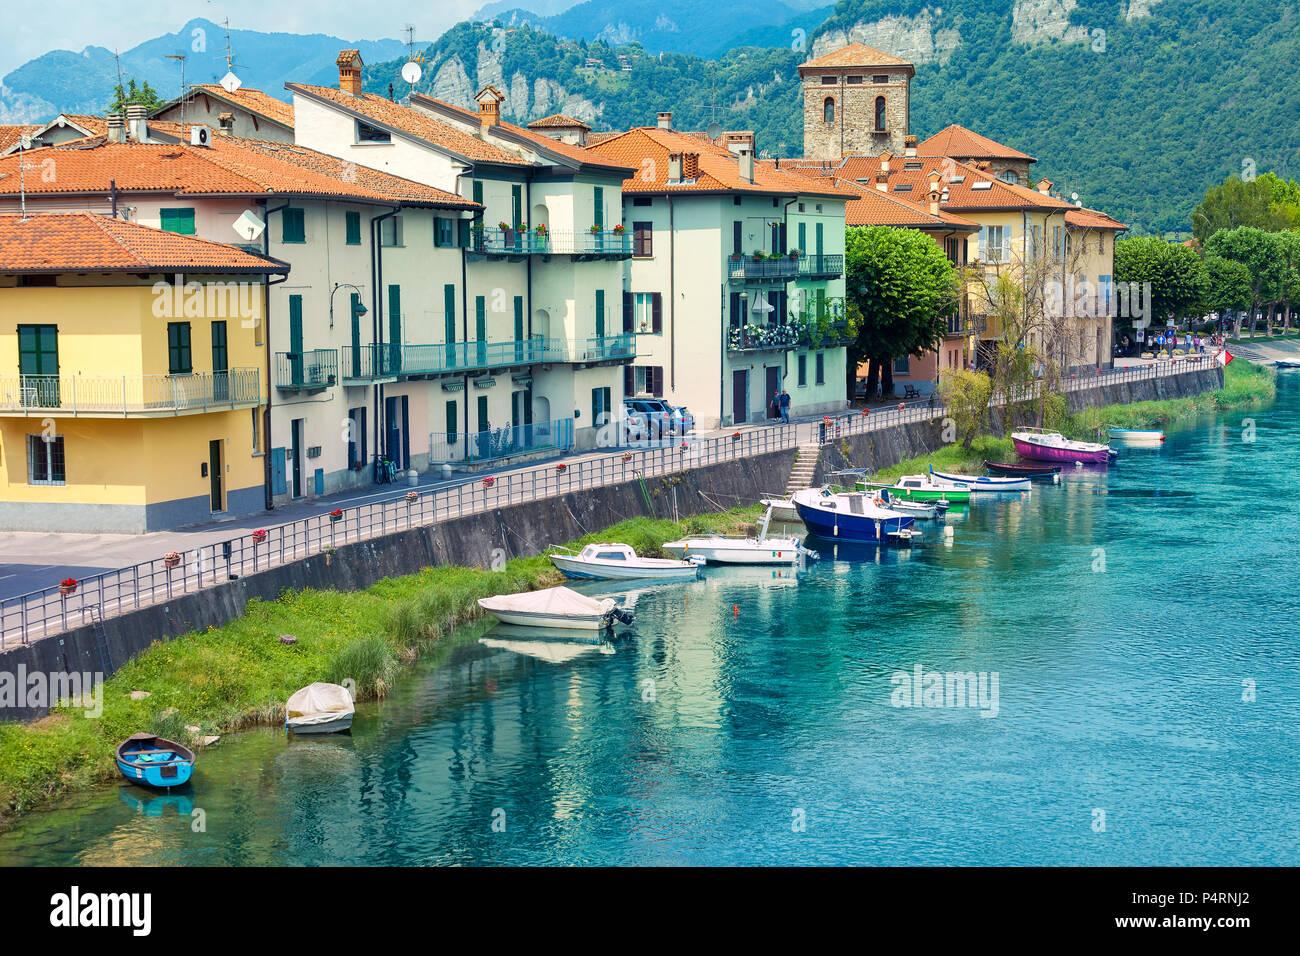 Bridge over the River Adda at Brivio, Lecco, Lombardy, Italy Stock Photo